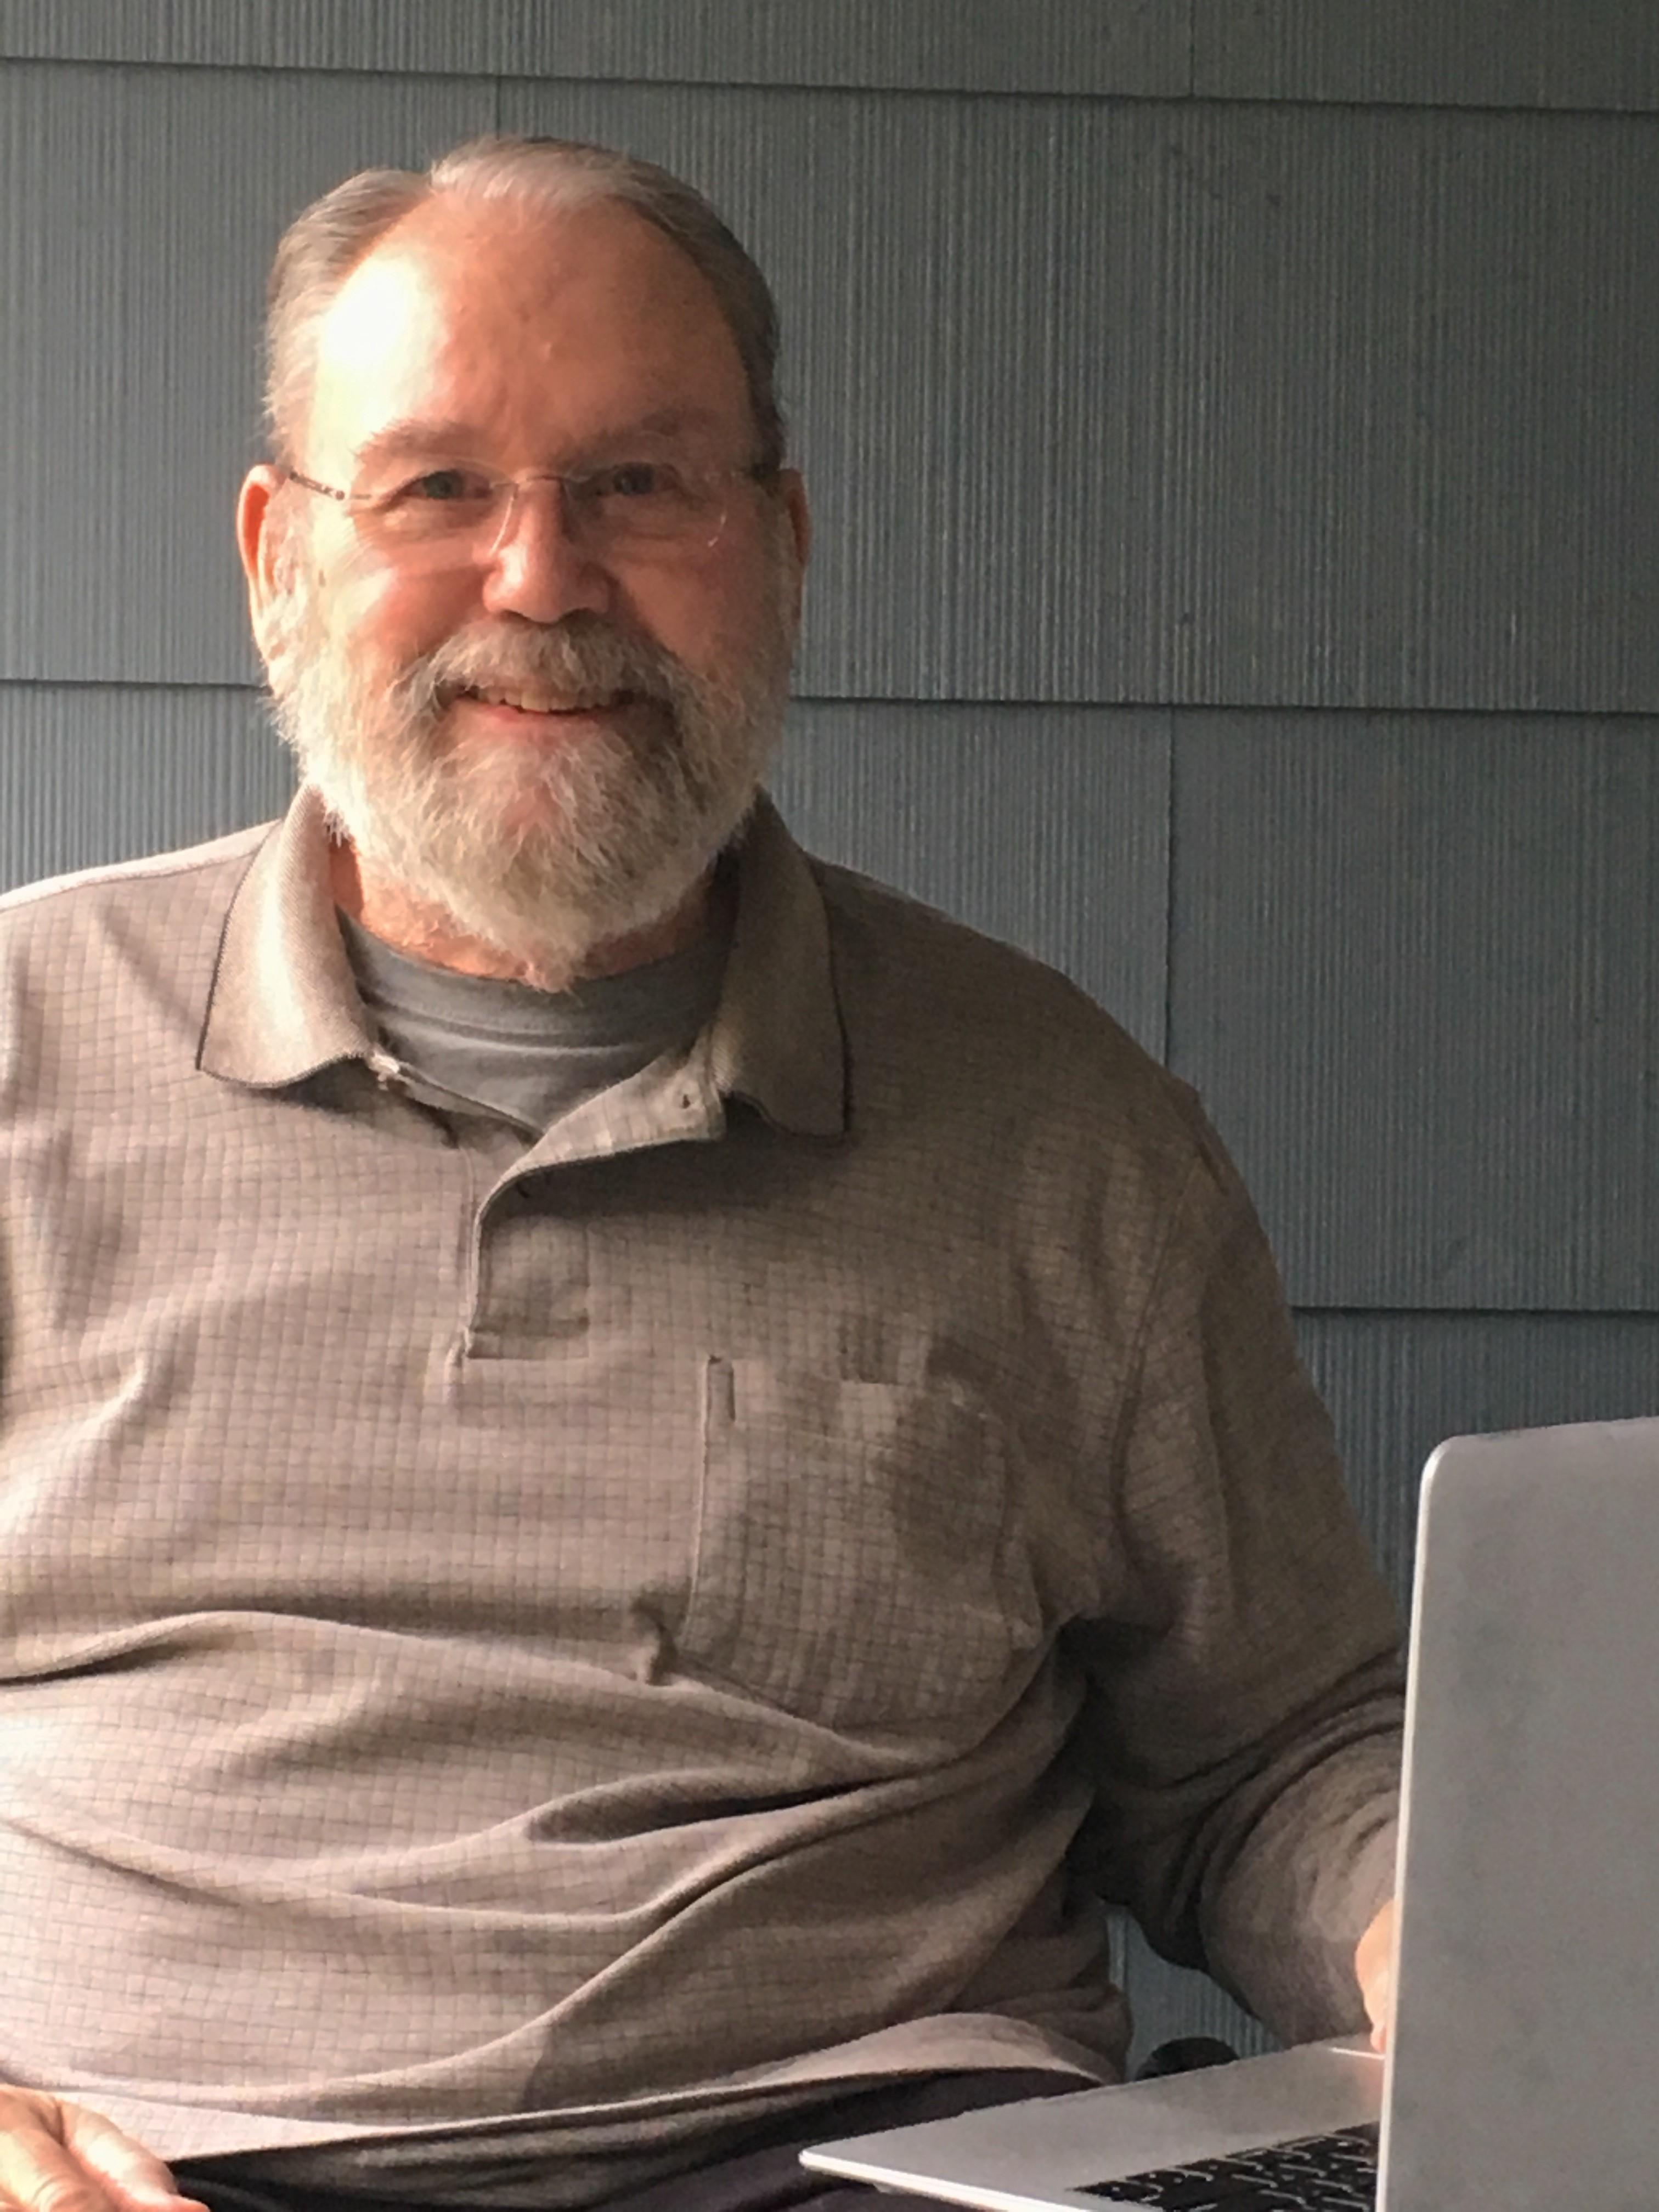 Tim holding laptop